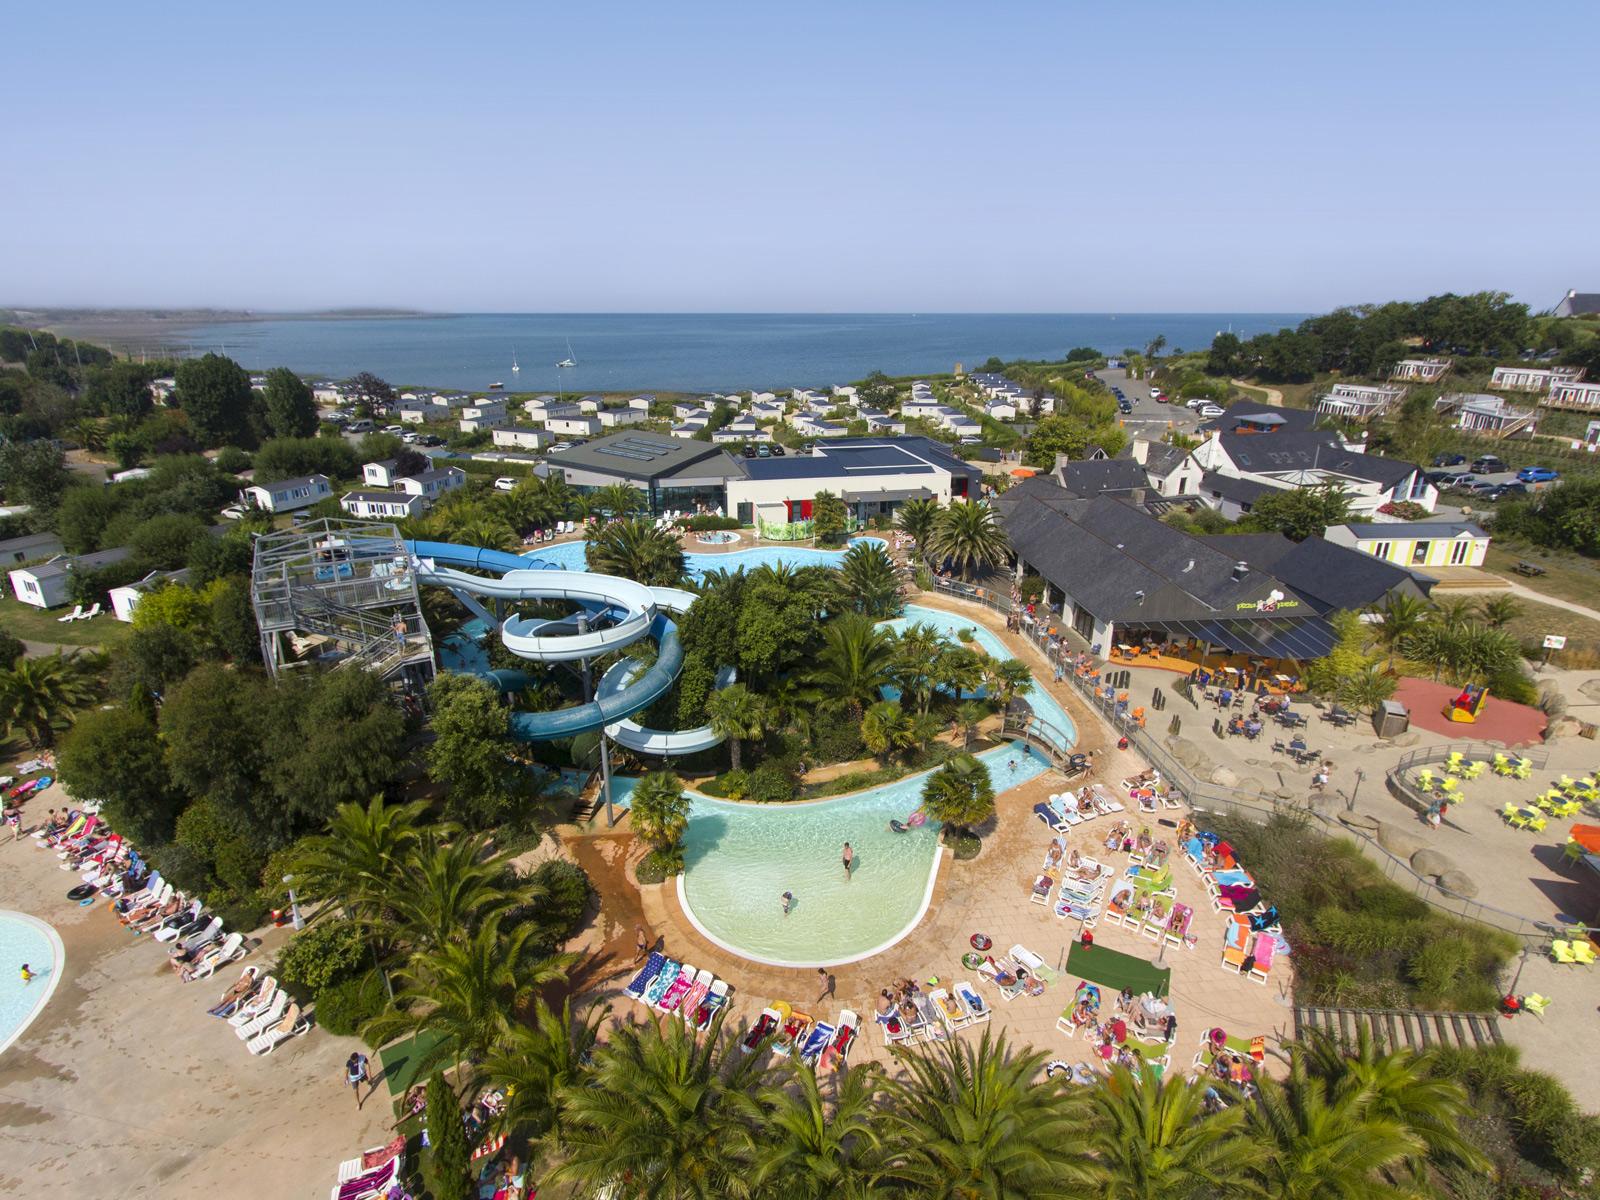 Camping Parc Aquatique Profitez Des Espaces Aquatiques Yelloh Village